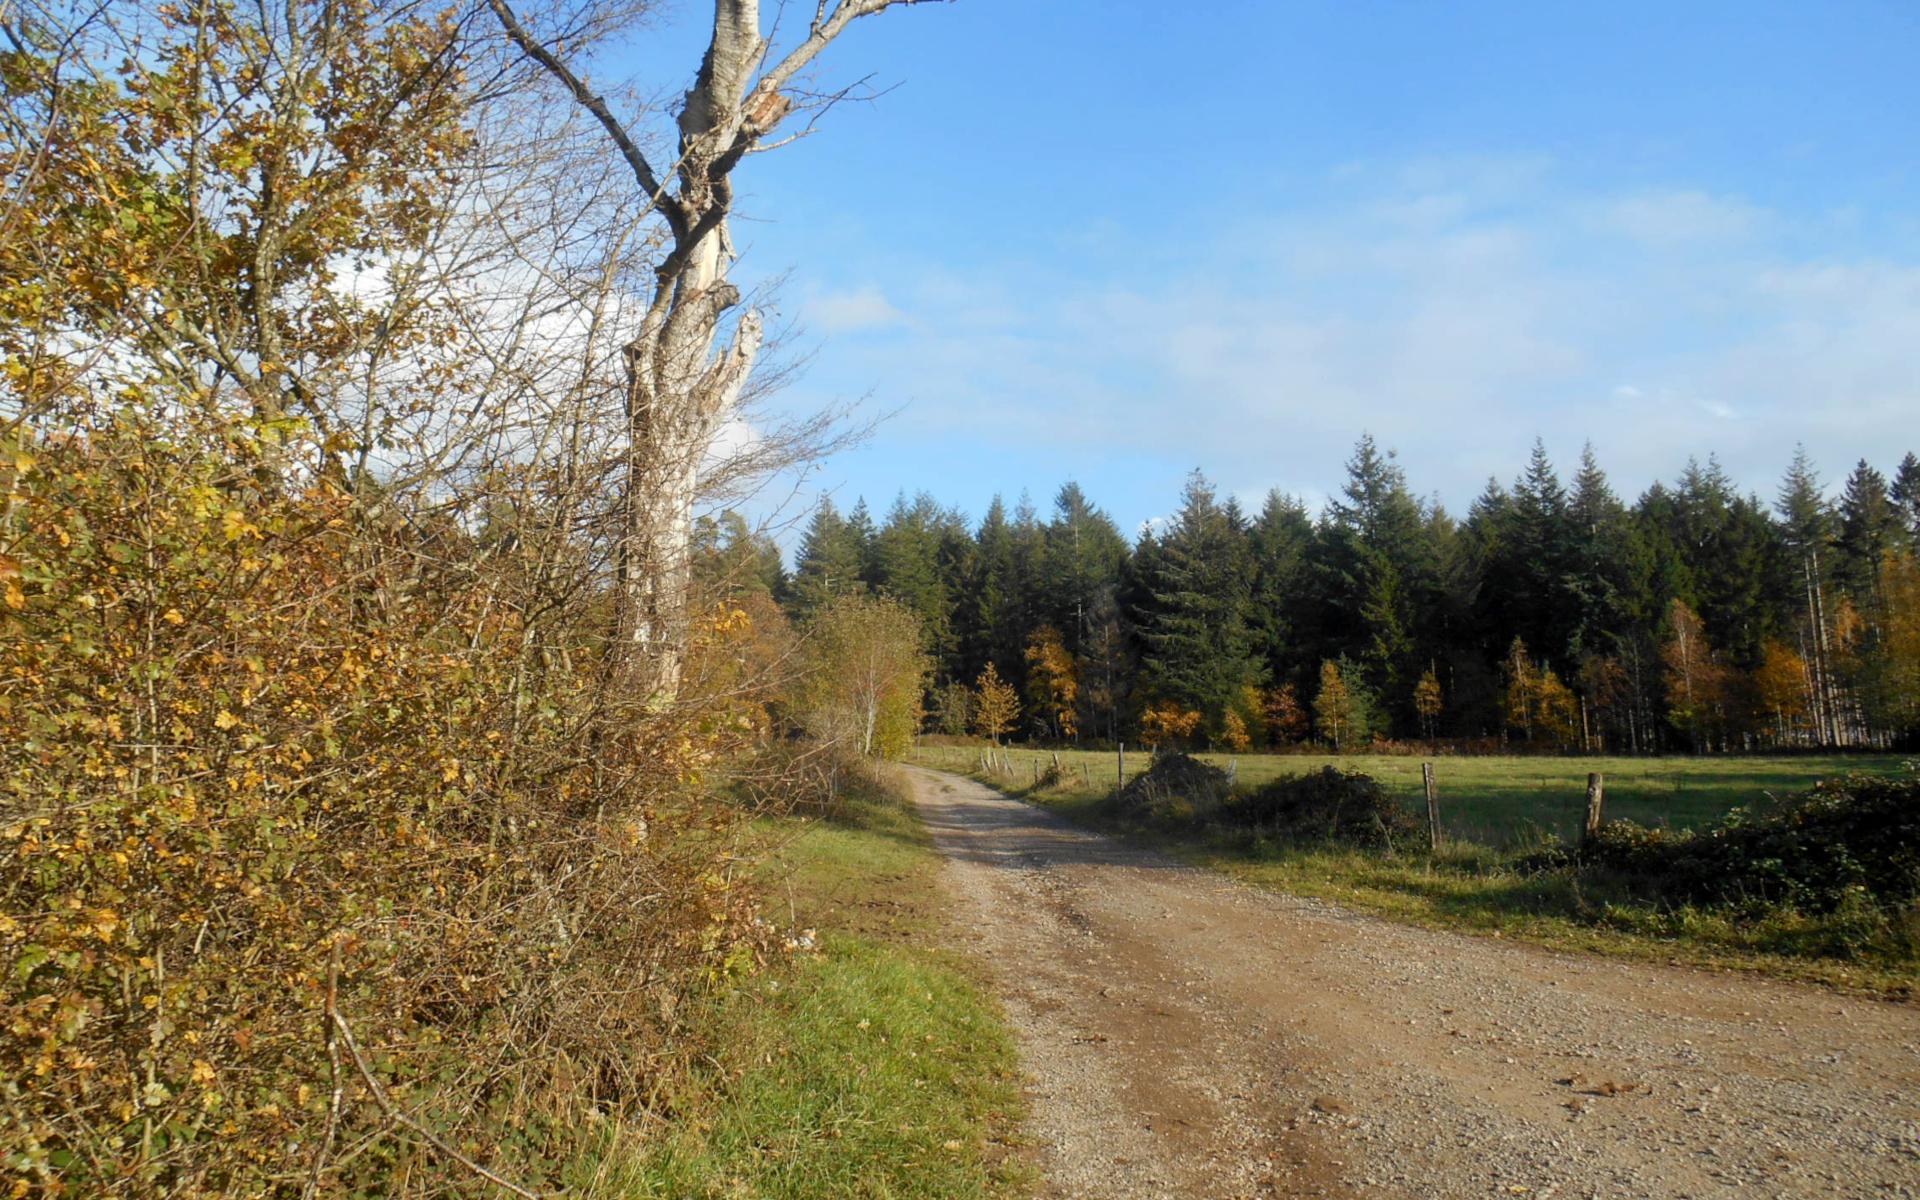 Chemin du circuit VTT la ronde des mégalithes autour de Weris